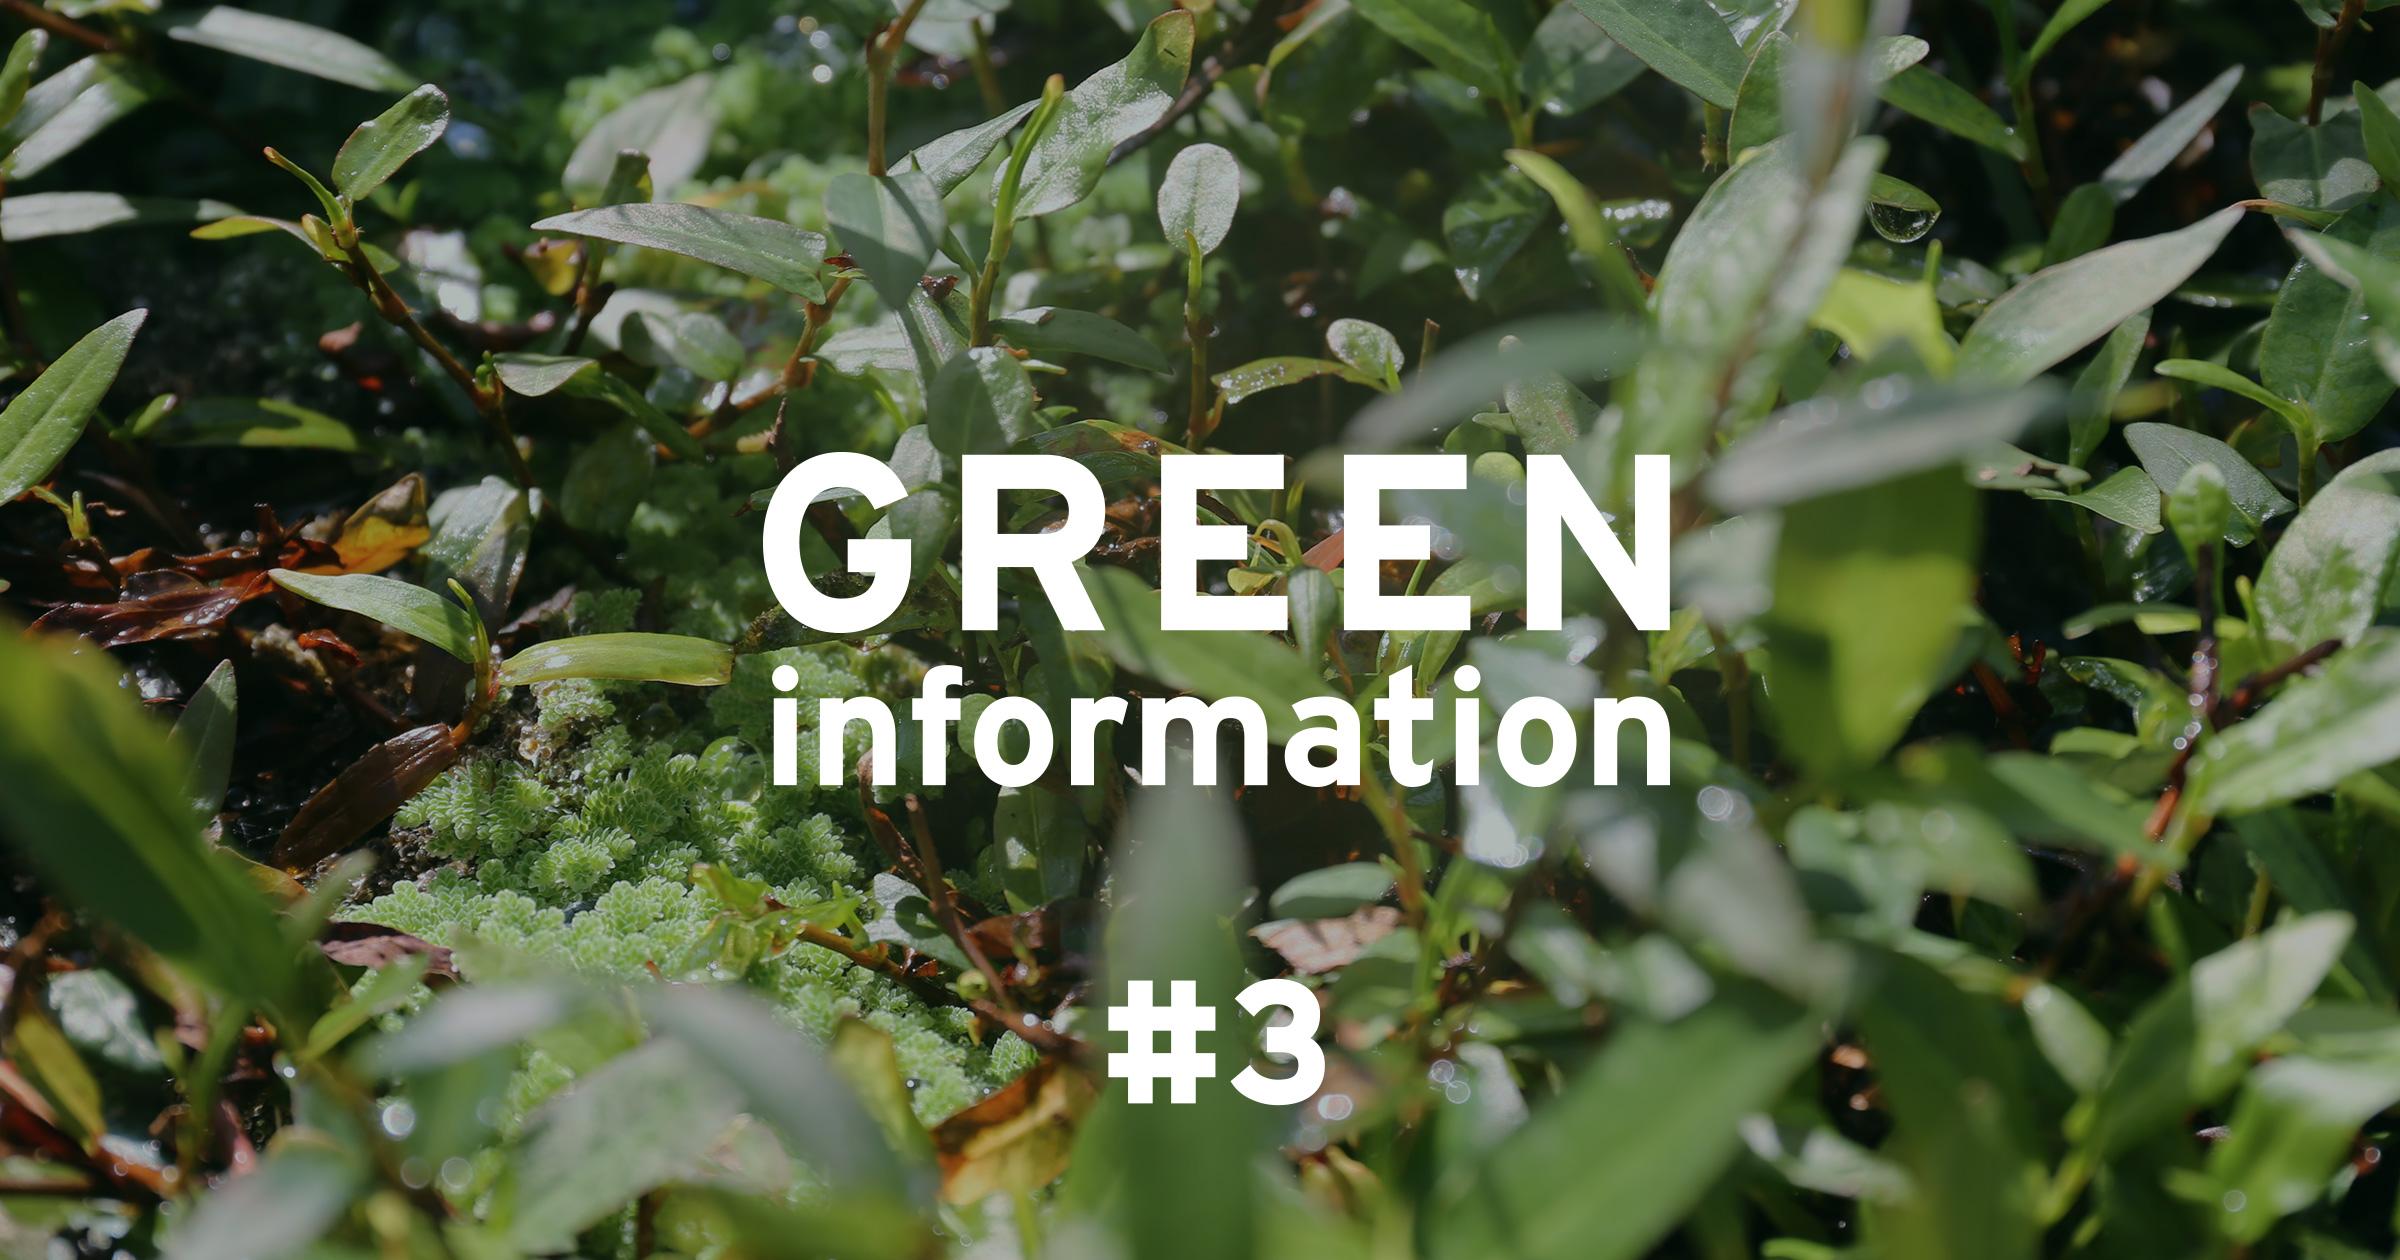 GREEN information #3「植物による環境影響 ~ウキクサの特性~」